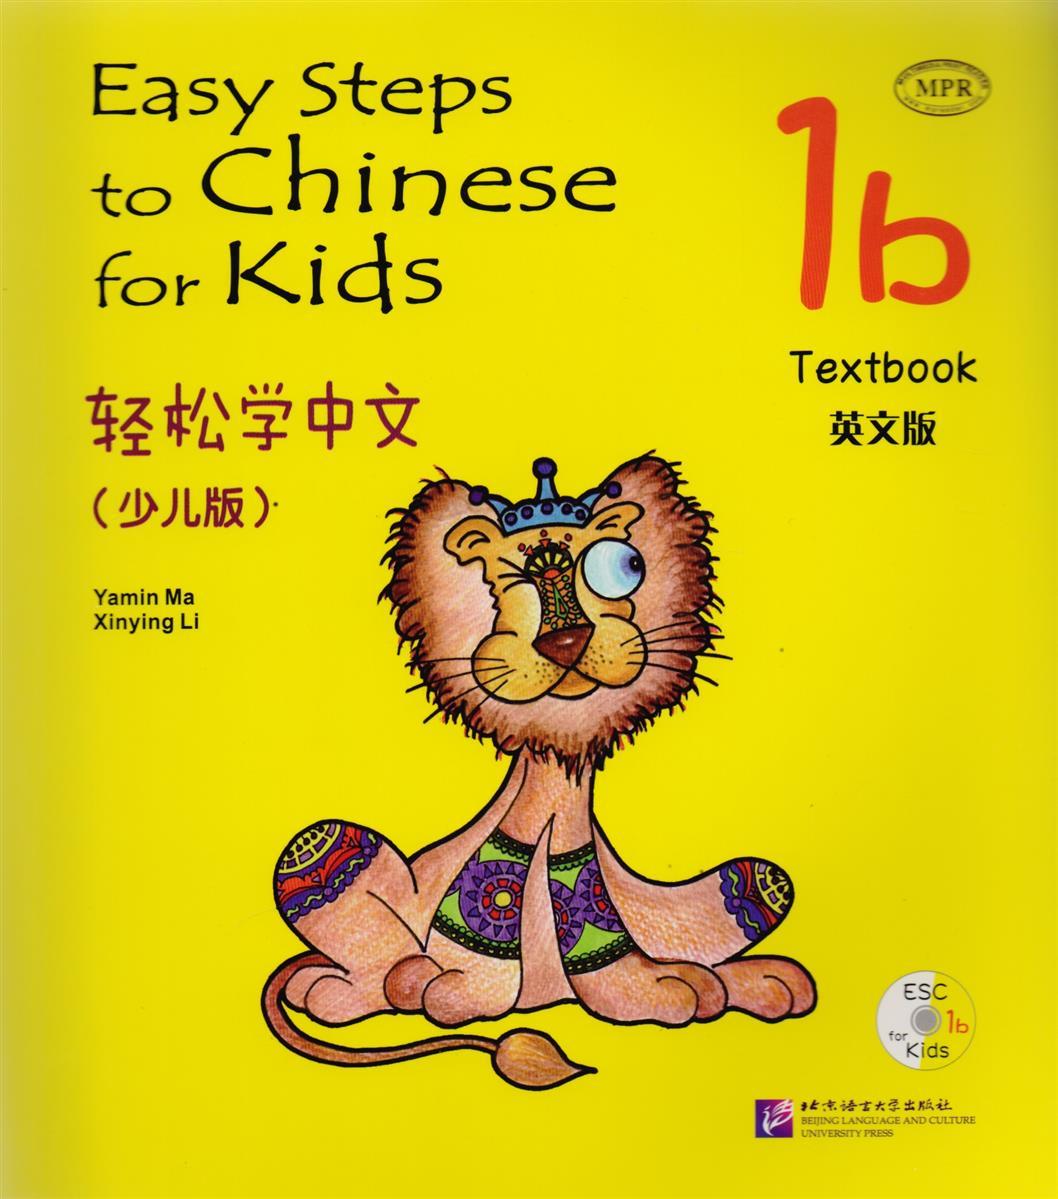 Yamin Ma Easy Steps to Chinese for kids 1B - SB&CD / Легкие Шаги к Китайскому для детей. Часть 1B - Учебник с CD (на китайском и английском языках) yamin ma easy steps to chinese 1 wb легкие шаги к китайскому часть 1 рабочая тетрадь на китайском и английском языках